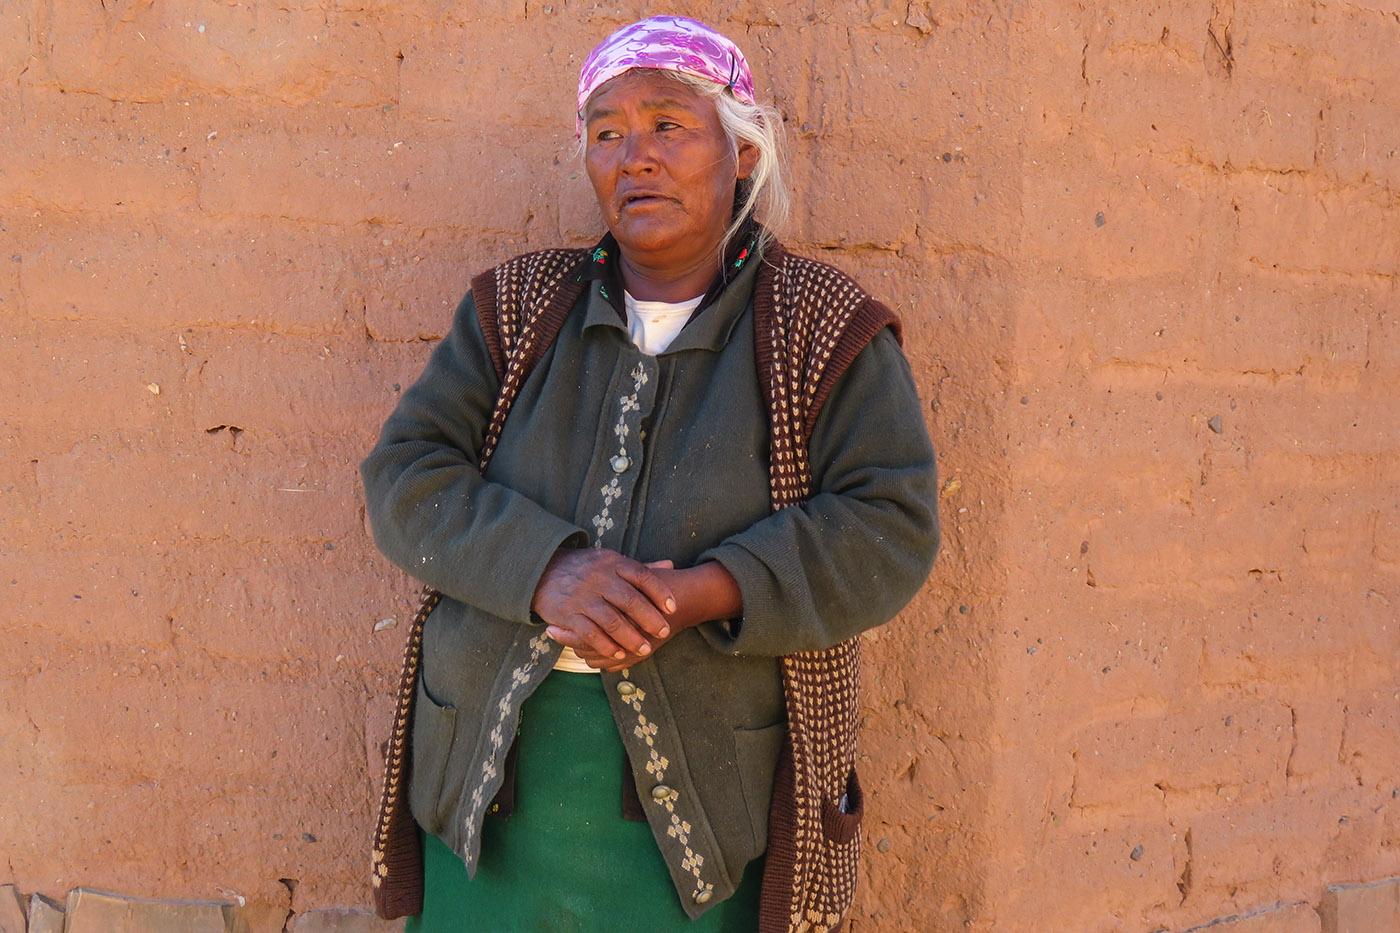 Eusebia Soriano, 64 ans, propriétaire de terres jouxtant le salar d'Olaroz-Cauchari, dit ne jamais avoir été consultée par Sales de Jujuy. Là-bas, ses lamas paissent aujourd'hui encore. Désabusée, la vieille dame n'a pas digéré non plus qu'une fois en activité, la mine n'ait pas embauché ses enfants, sans emploi pour la plupart. (photo Augustin Campos/8e étage)